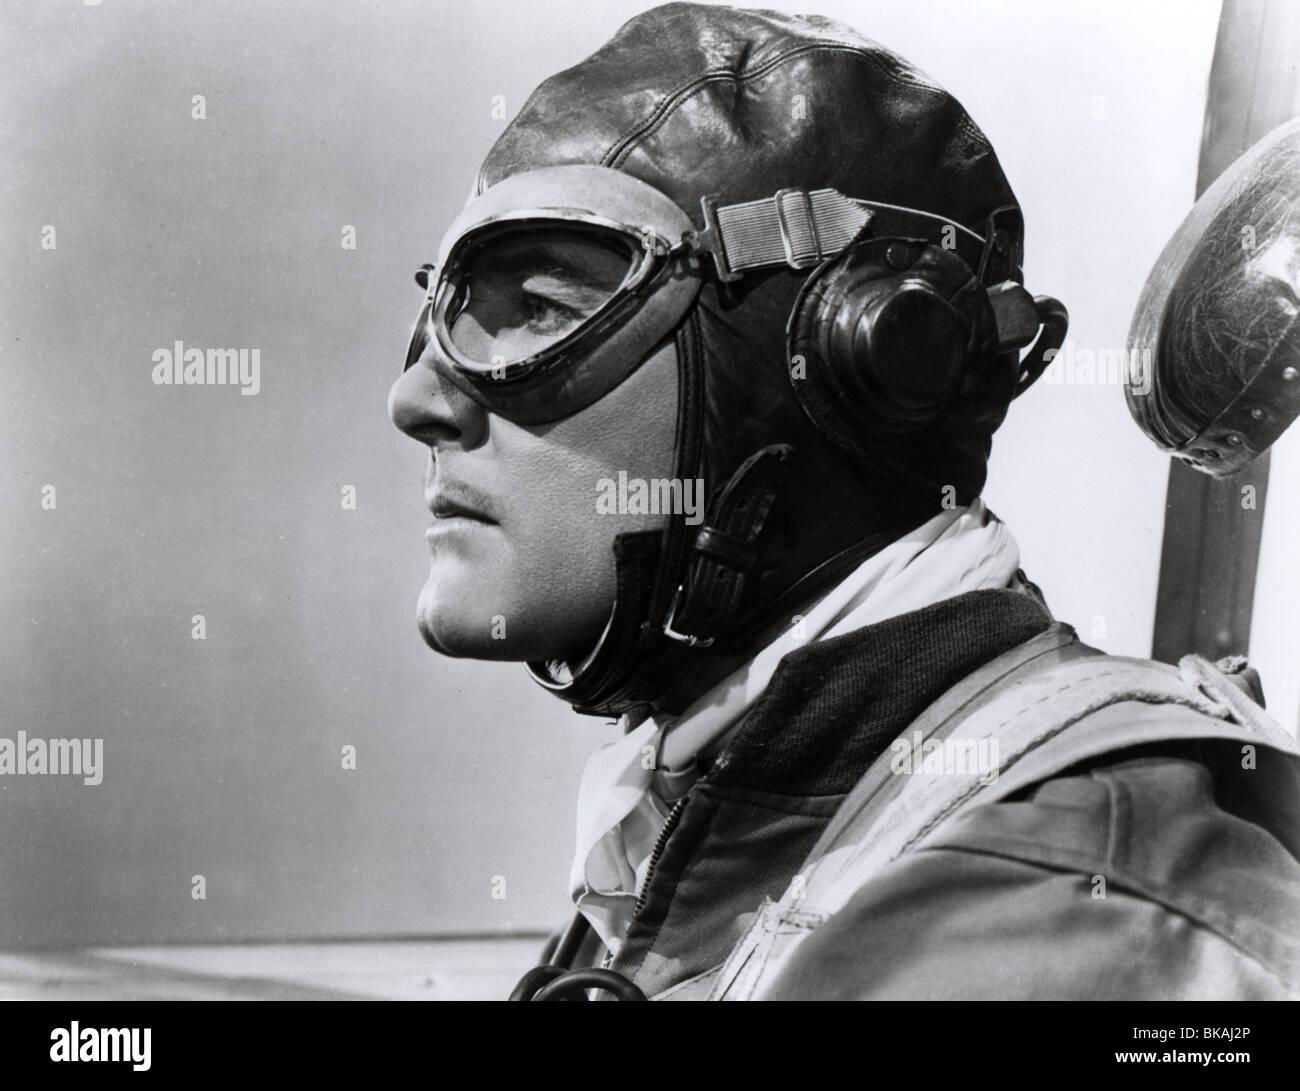 THE DAWN PATROL (1938) ERROL FLYNN DAWP 001P - Stock Image